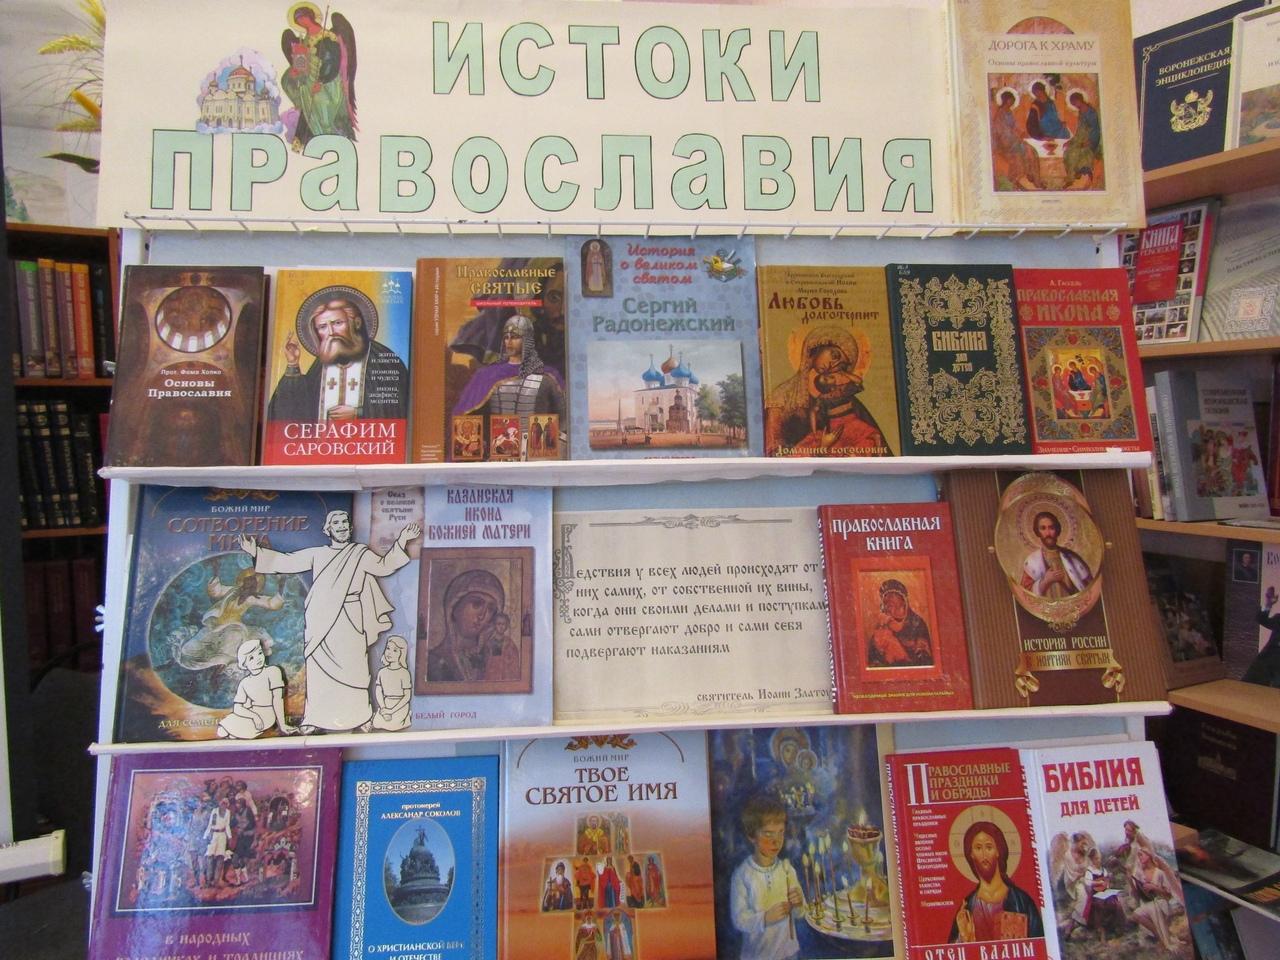 Российская Федерация -- Светское Государство